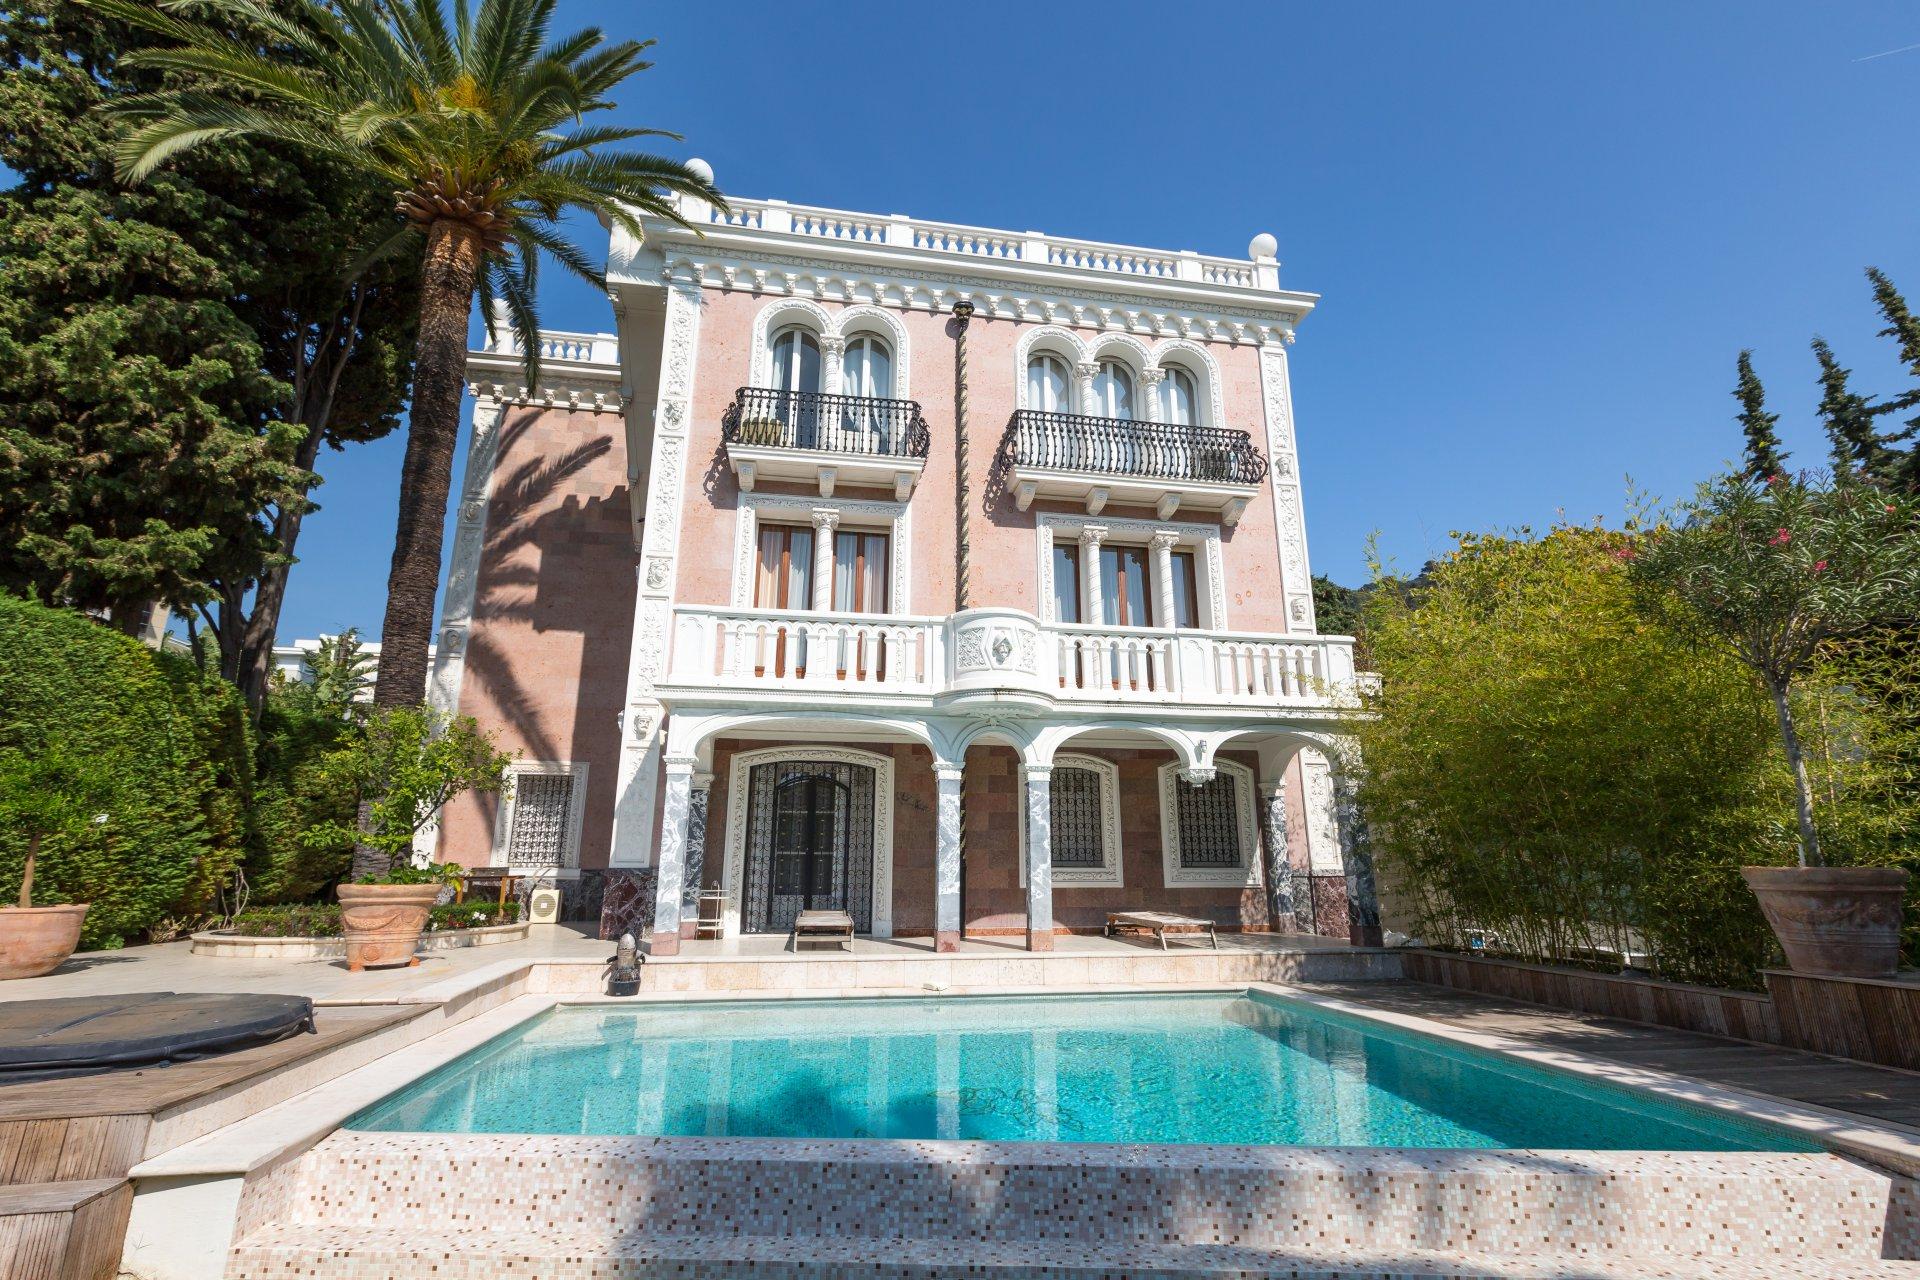 Ad Sale Villa Nice 06300 9 Rooms V1142sj